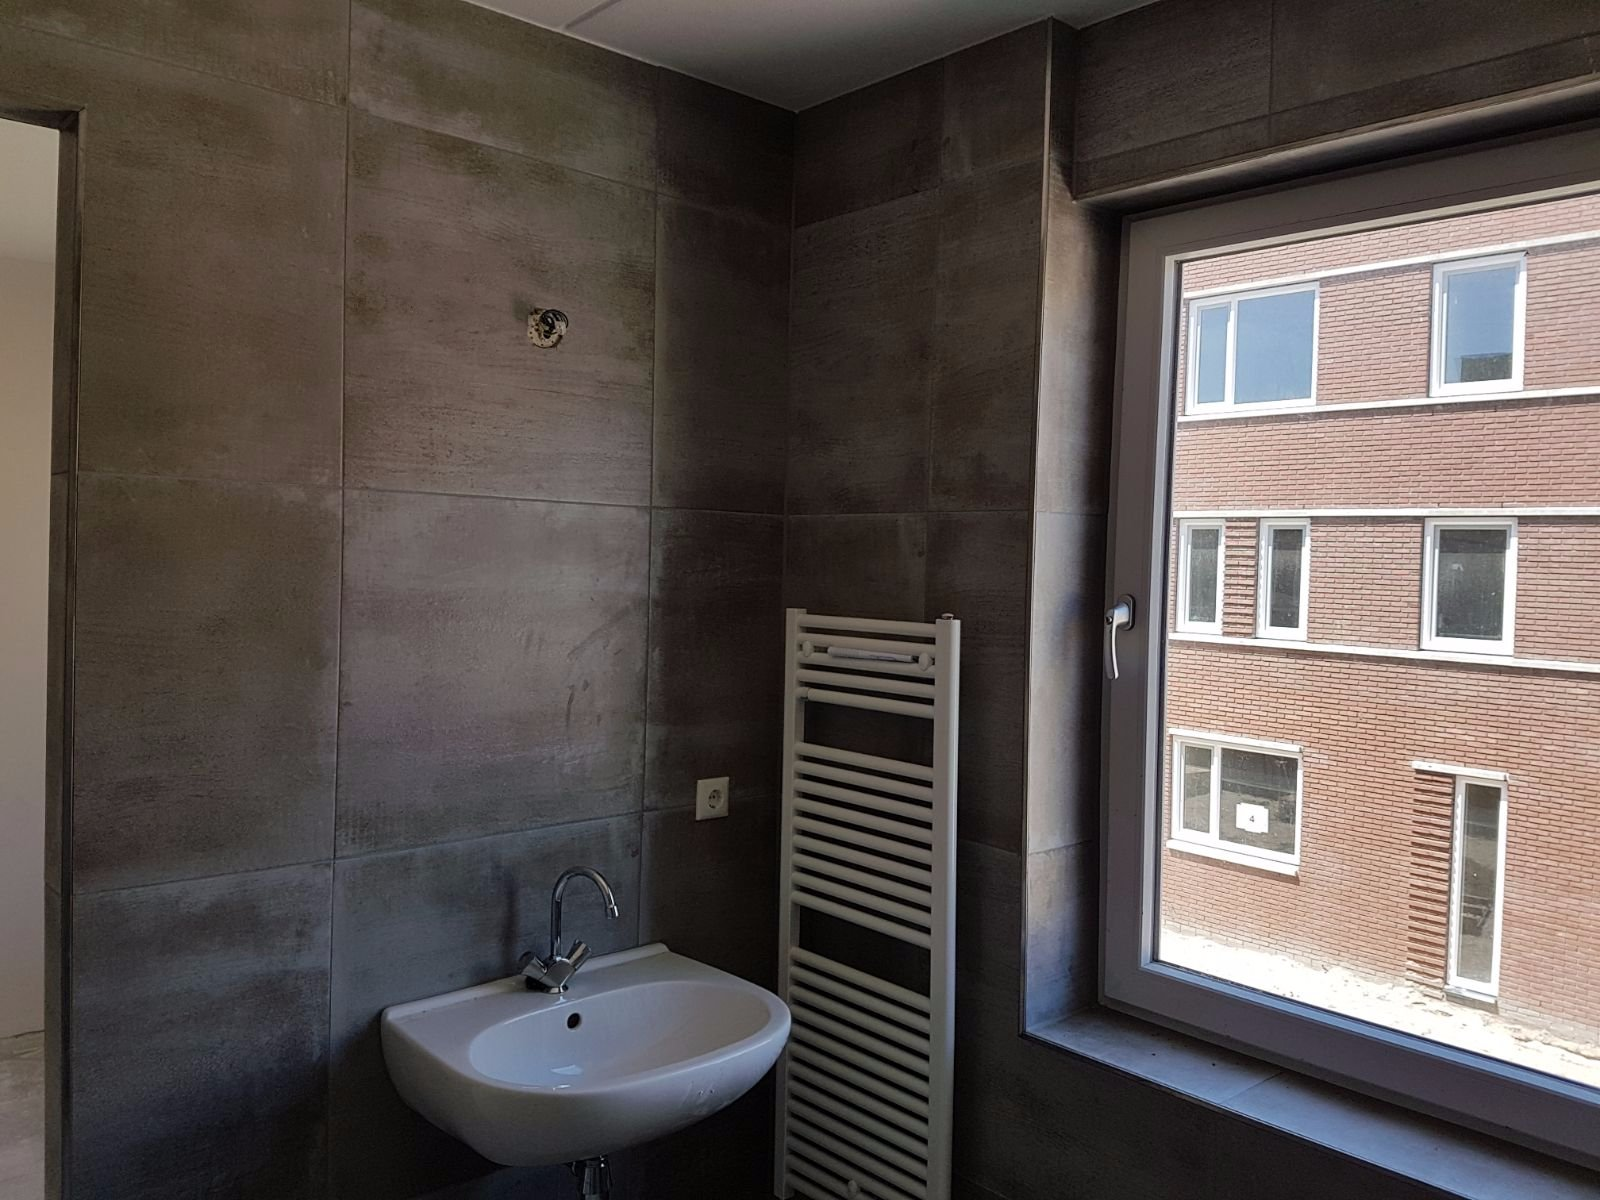 Aarding Badkamer Nen1010 : Zone indeling badkamer nen awesome inbouw stopcontact